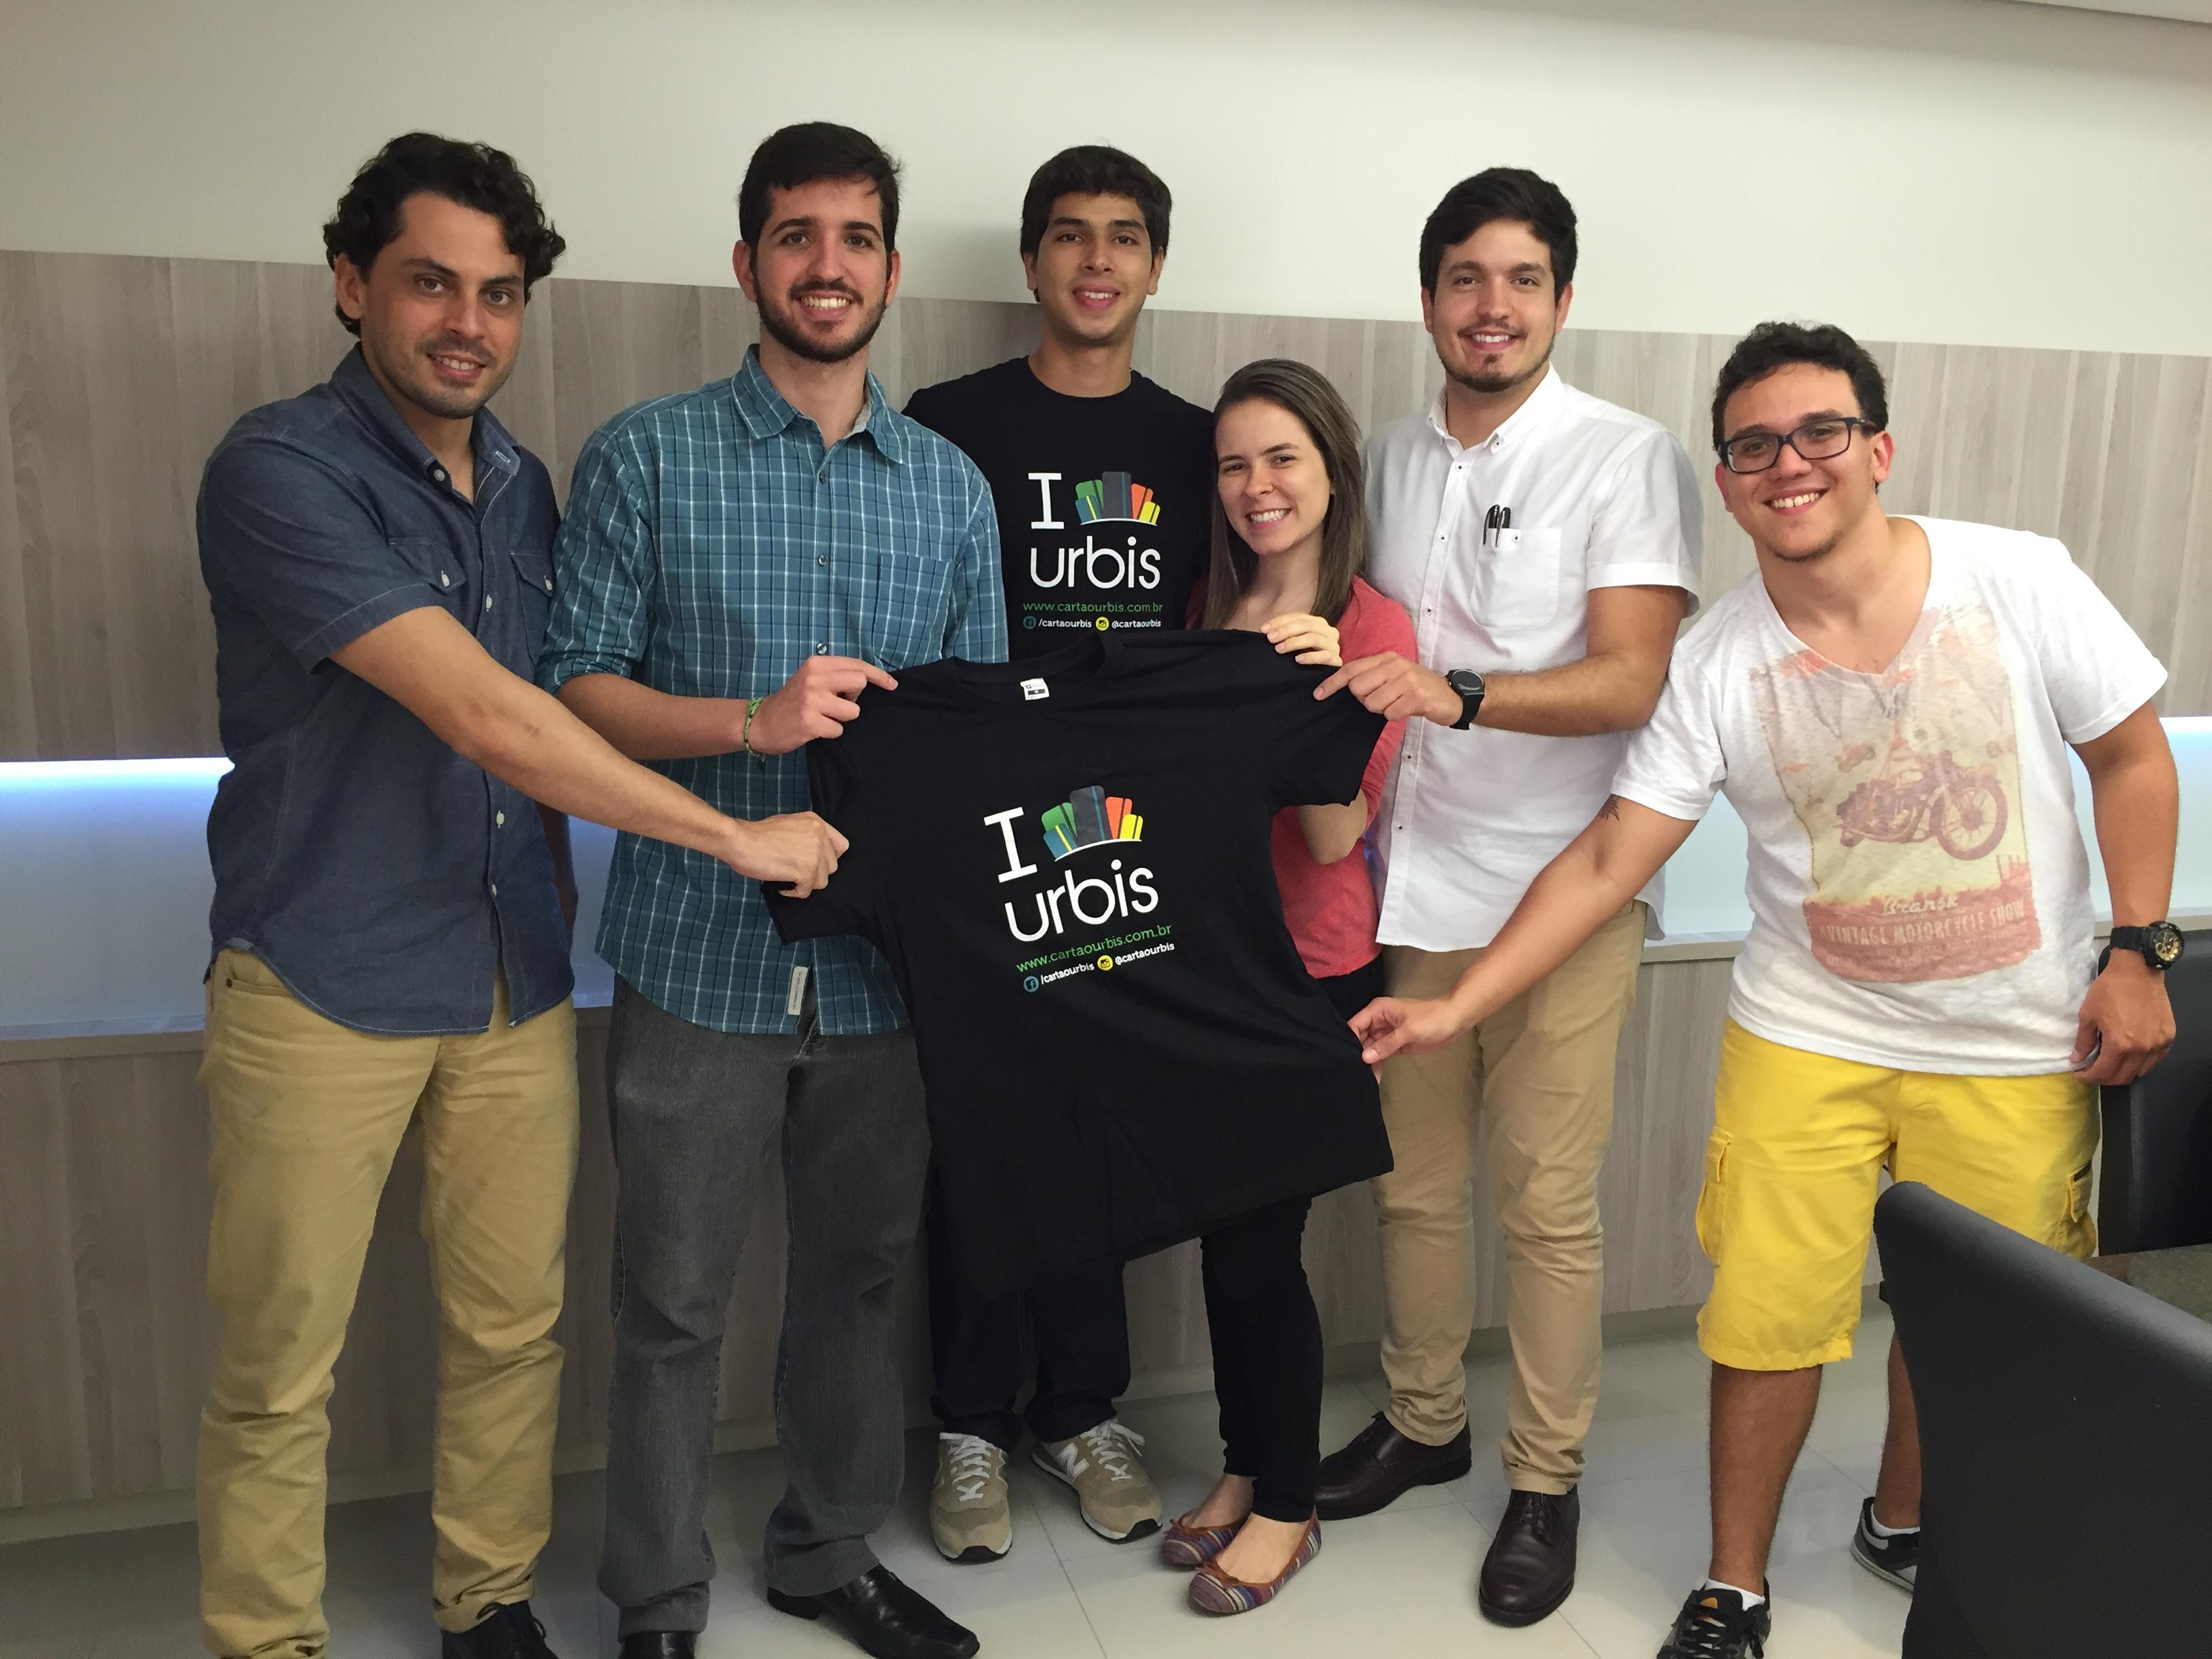 Cearenses criam startup que fornece descontos de até 50% em produtos e serviços